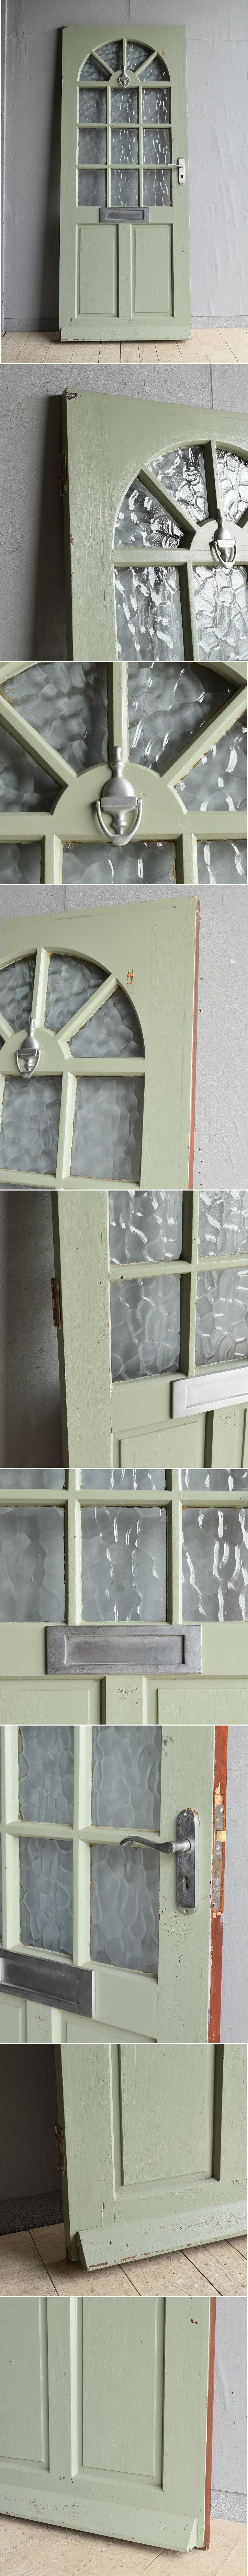 イギリス アンティーク ドア 扉 建具 8017